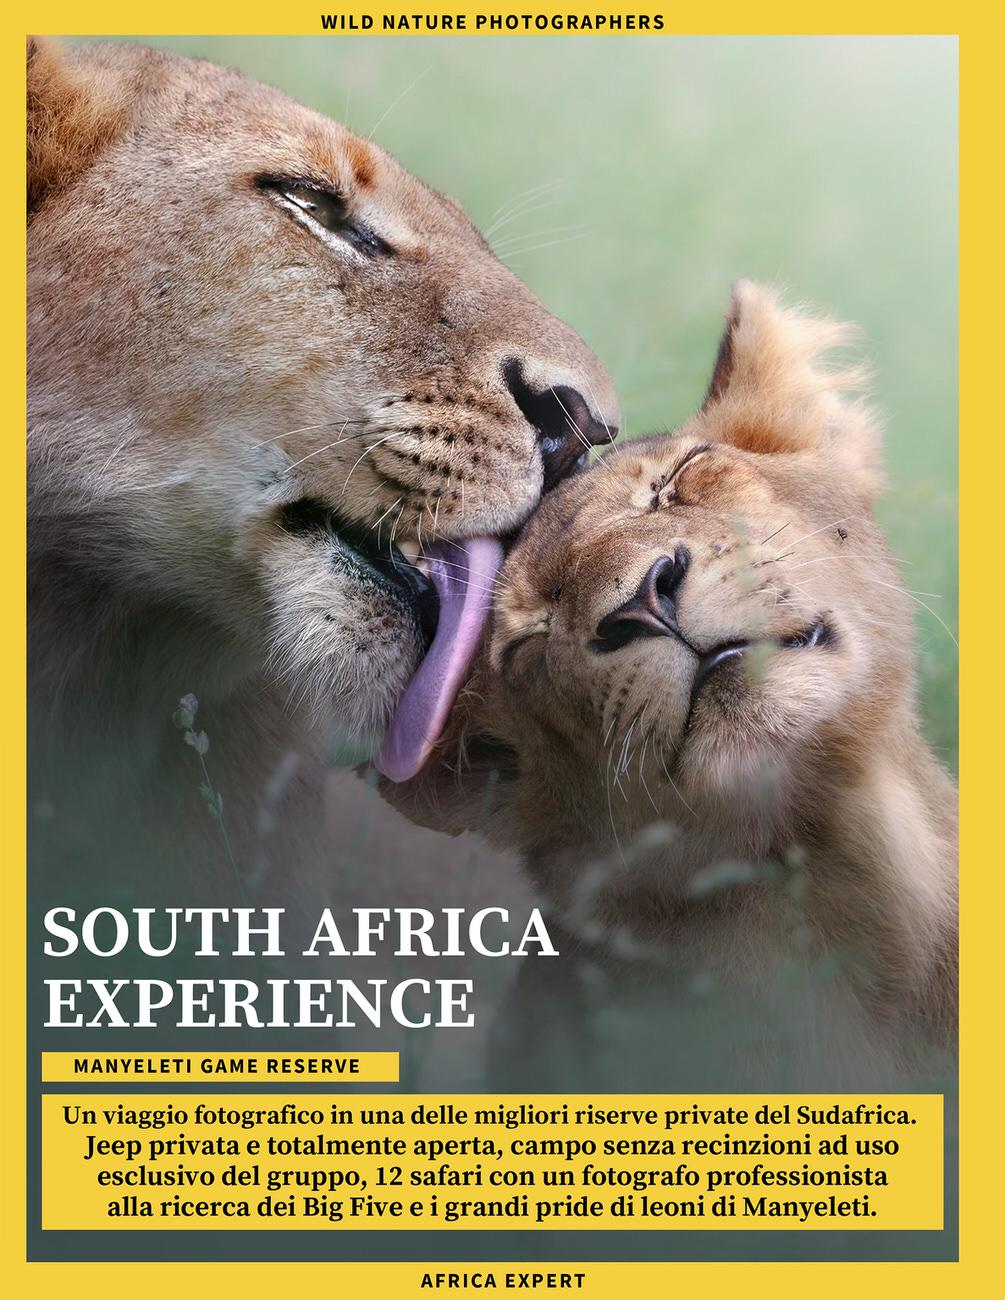 viaggio fotografico sudafrica - riserva privata